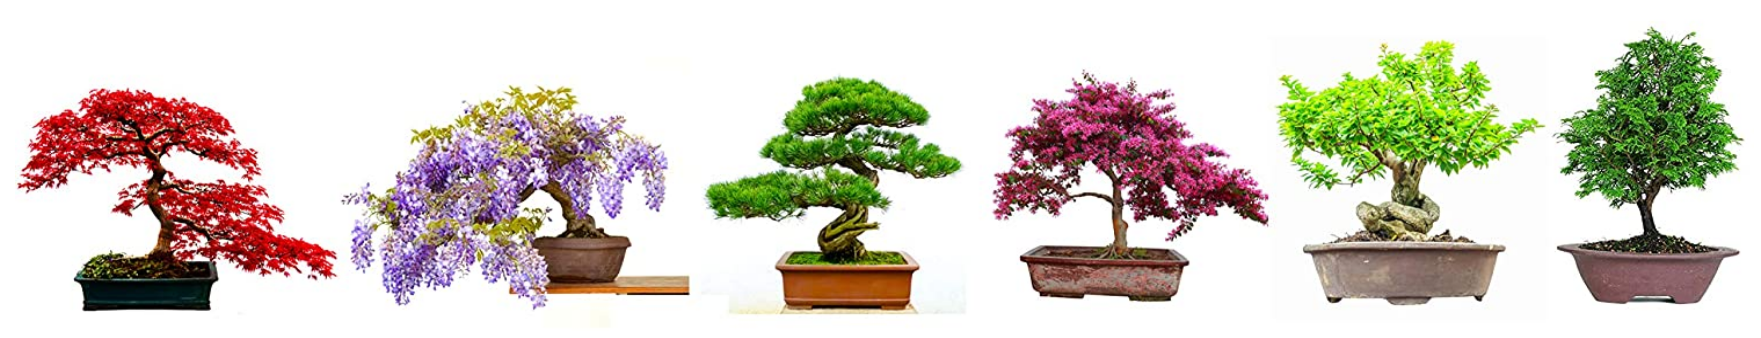 Comparatif pour choisir le meilleur kit de bonsaï prêt à pousser